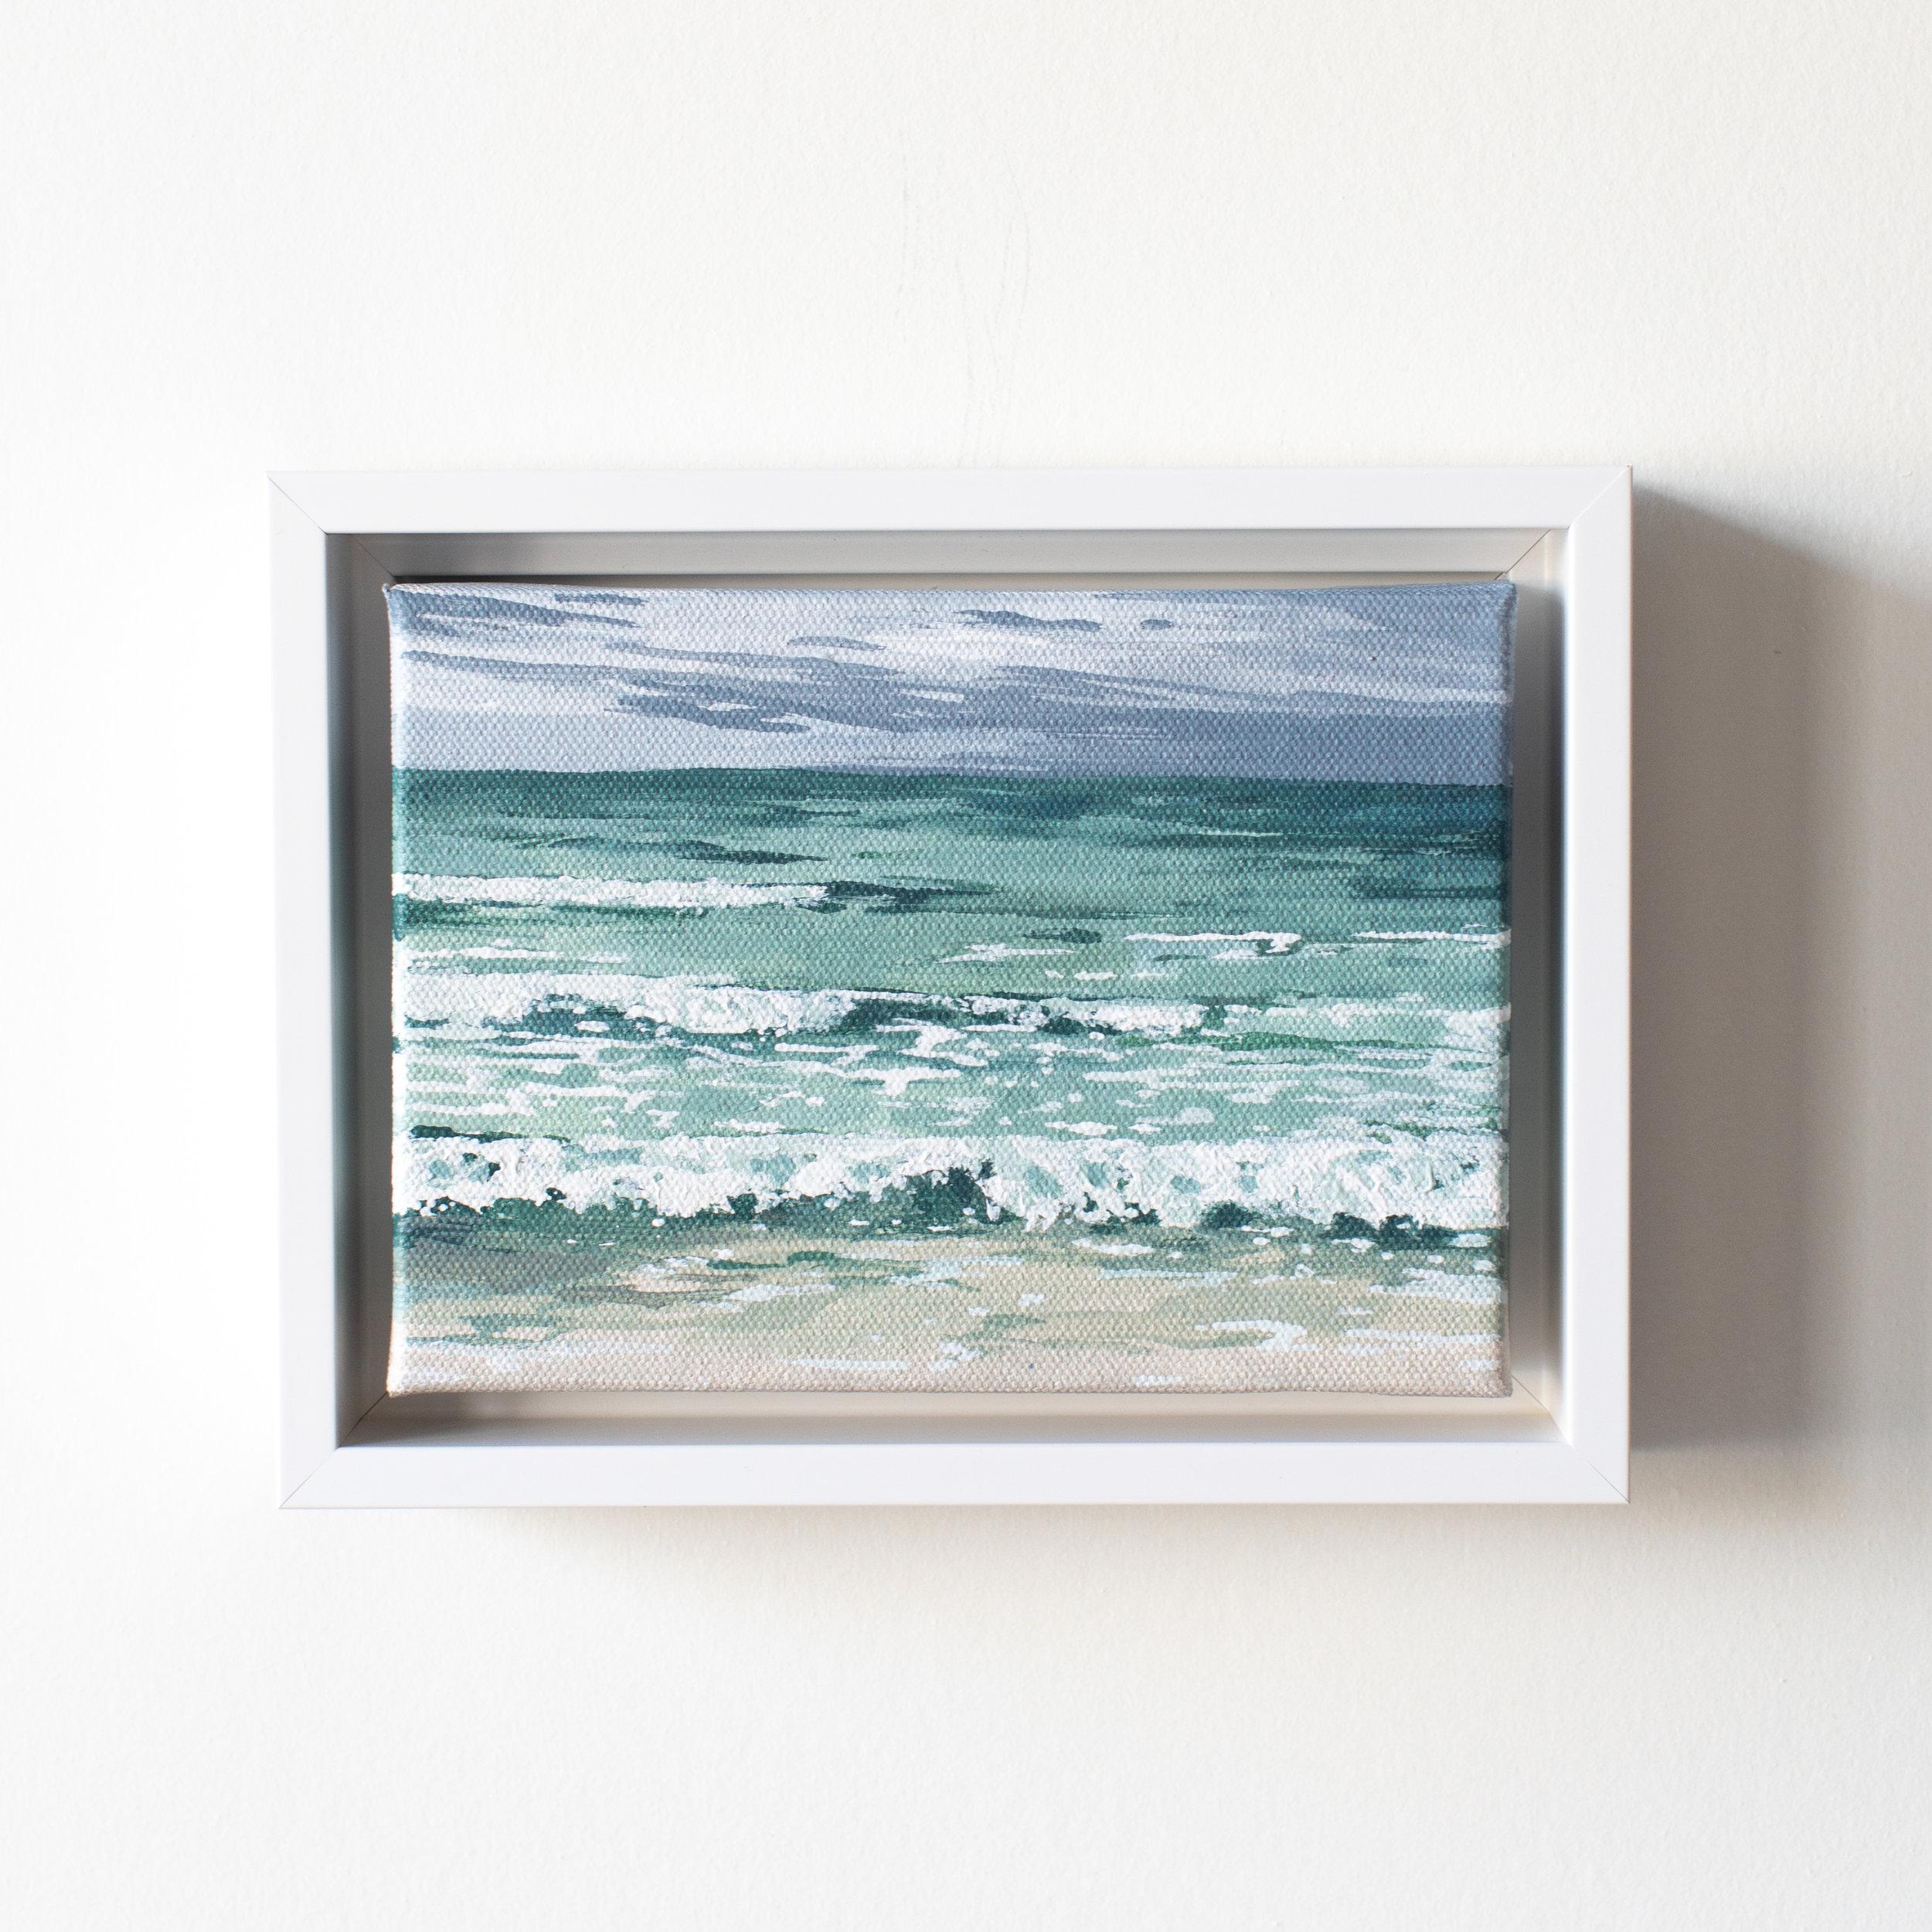 framed-8.jpg